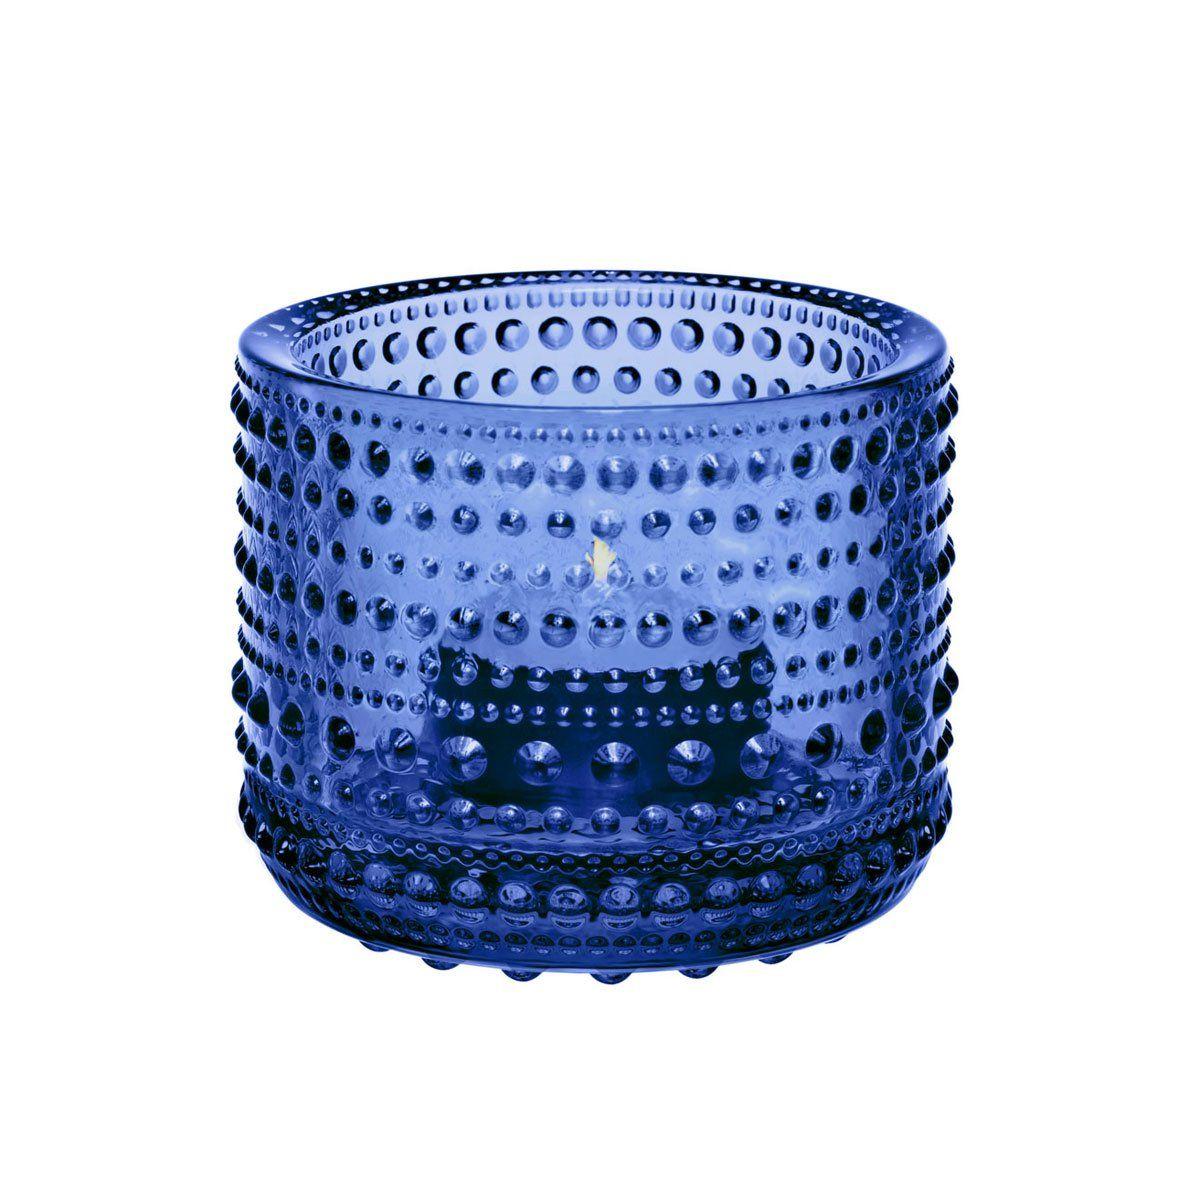 Iittala kastehelmi tealight candle holder